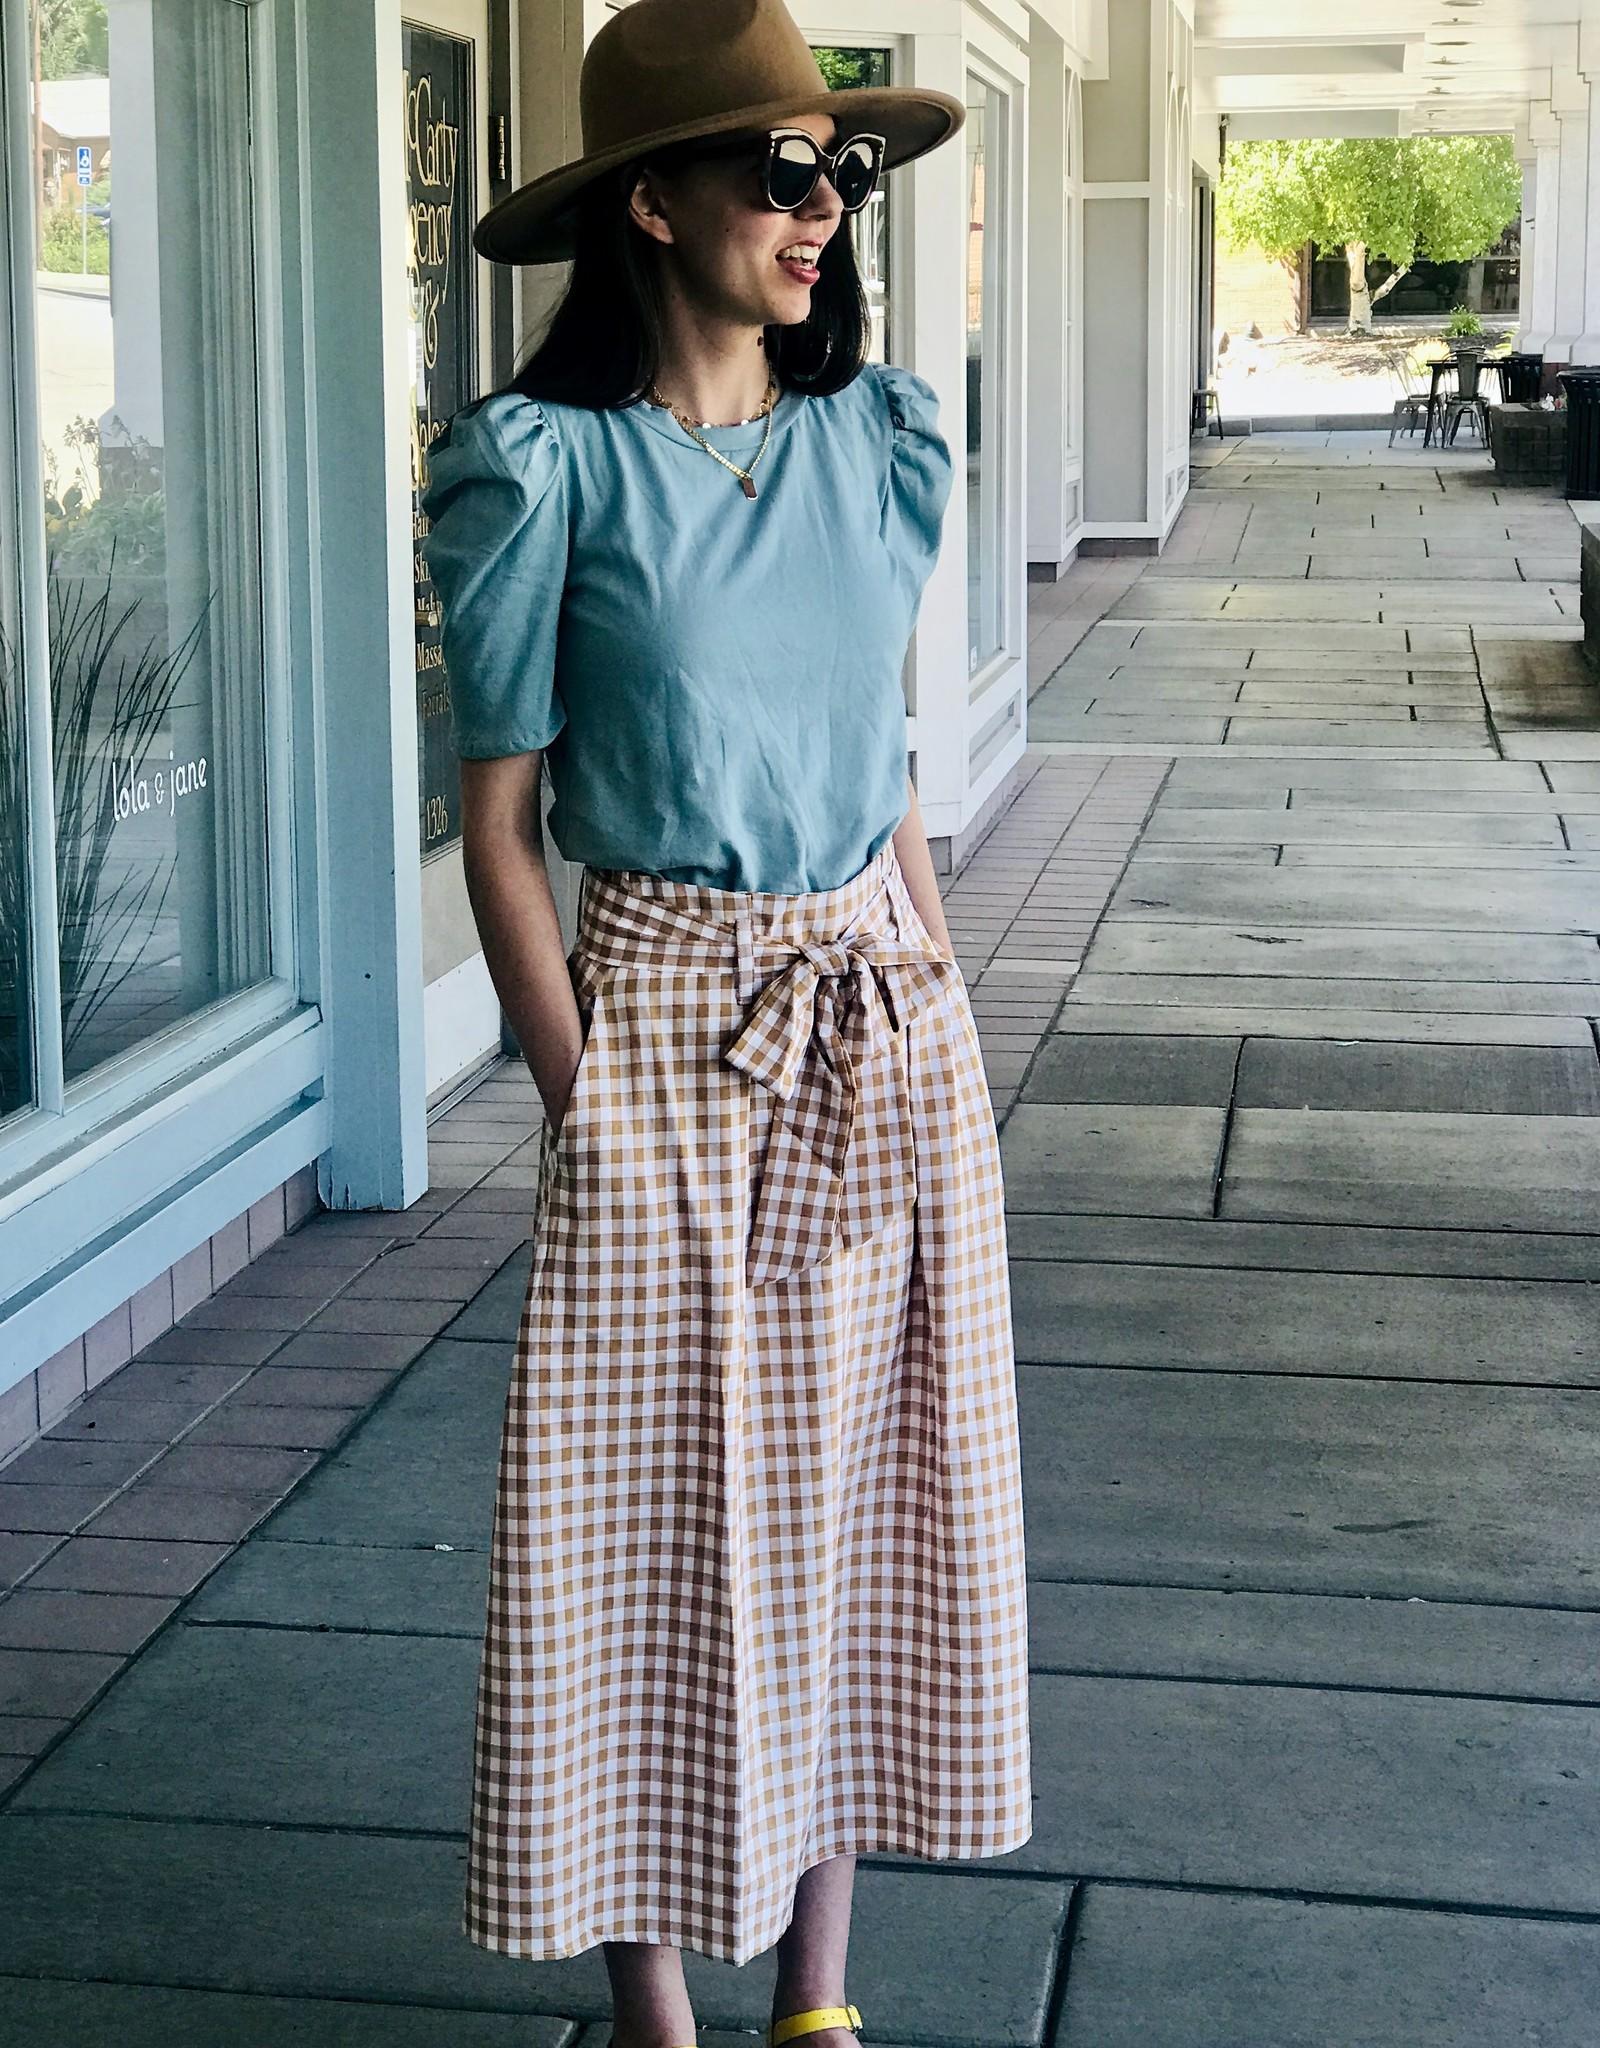 Women's gingham Skirt with Tie Belt